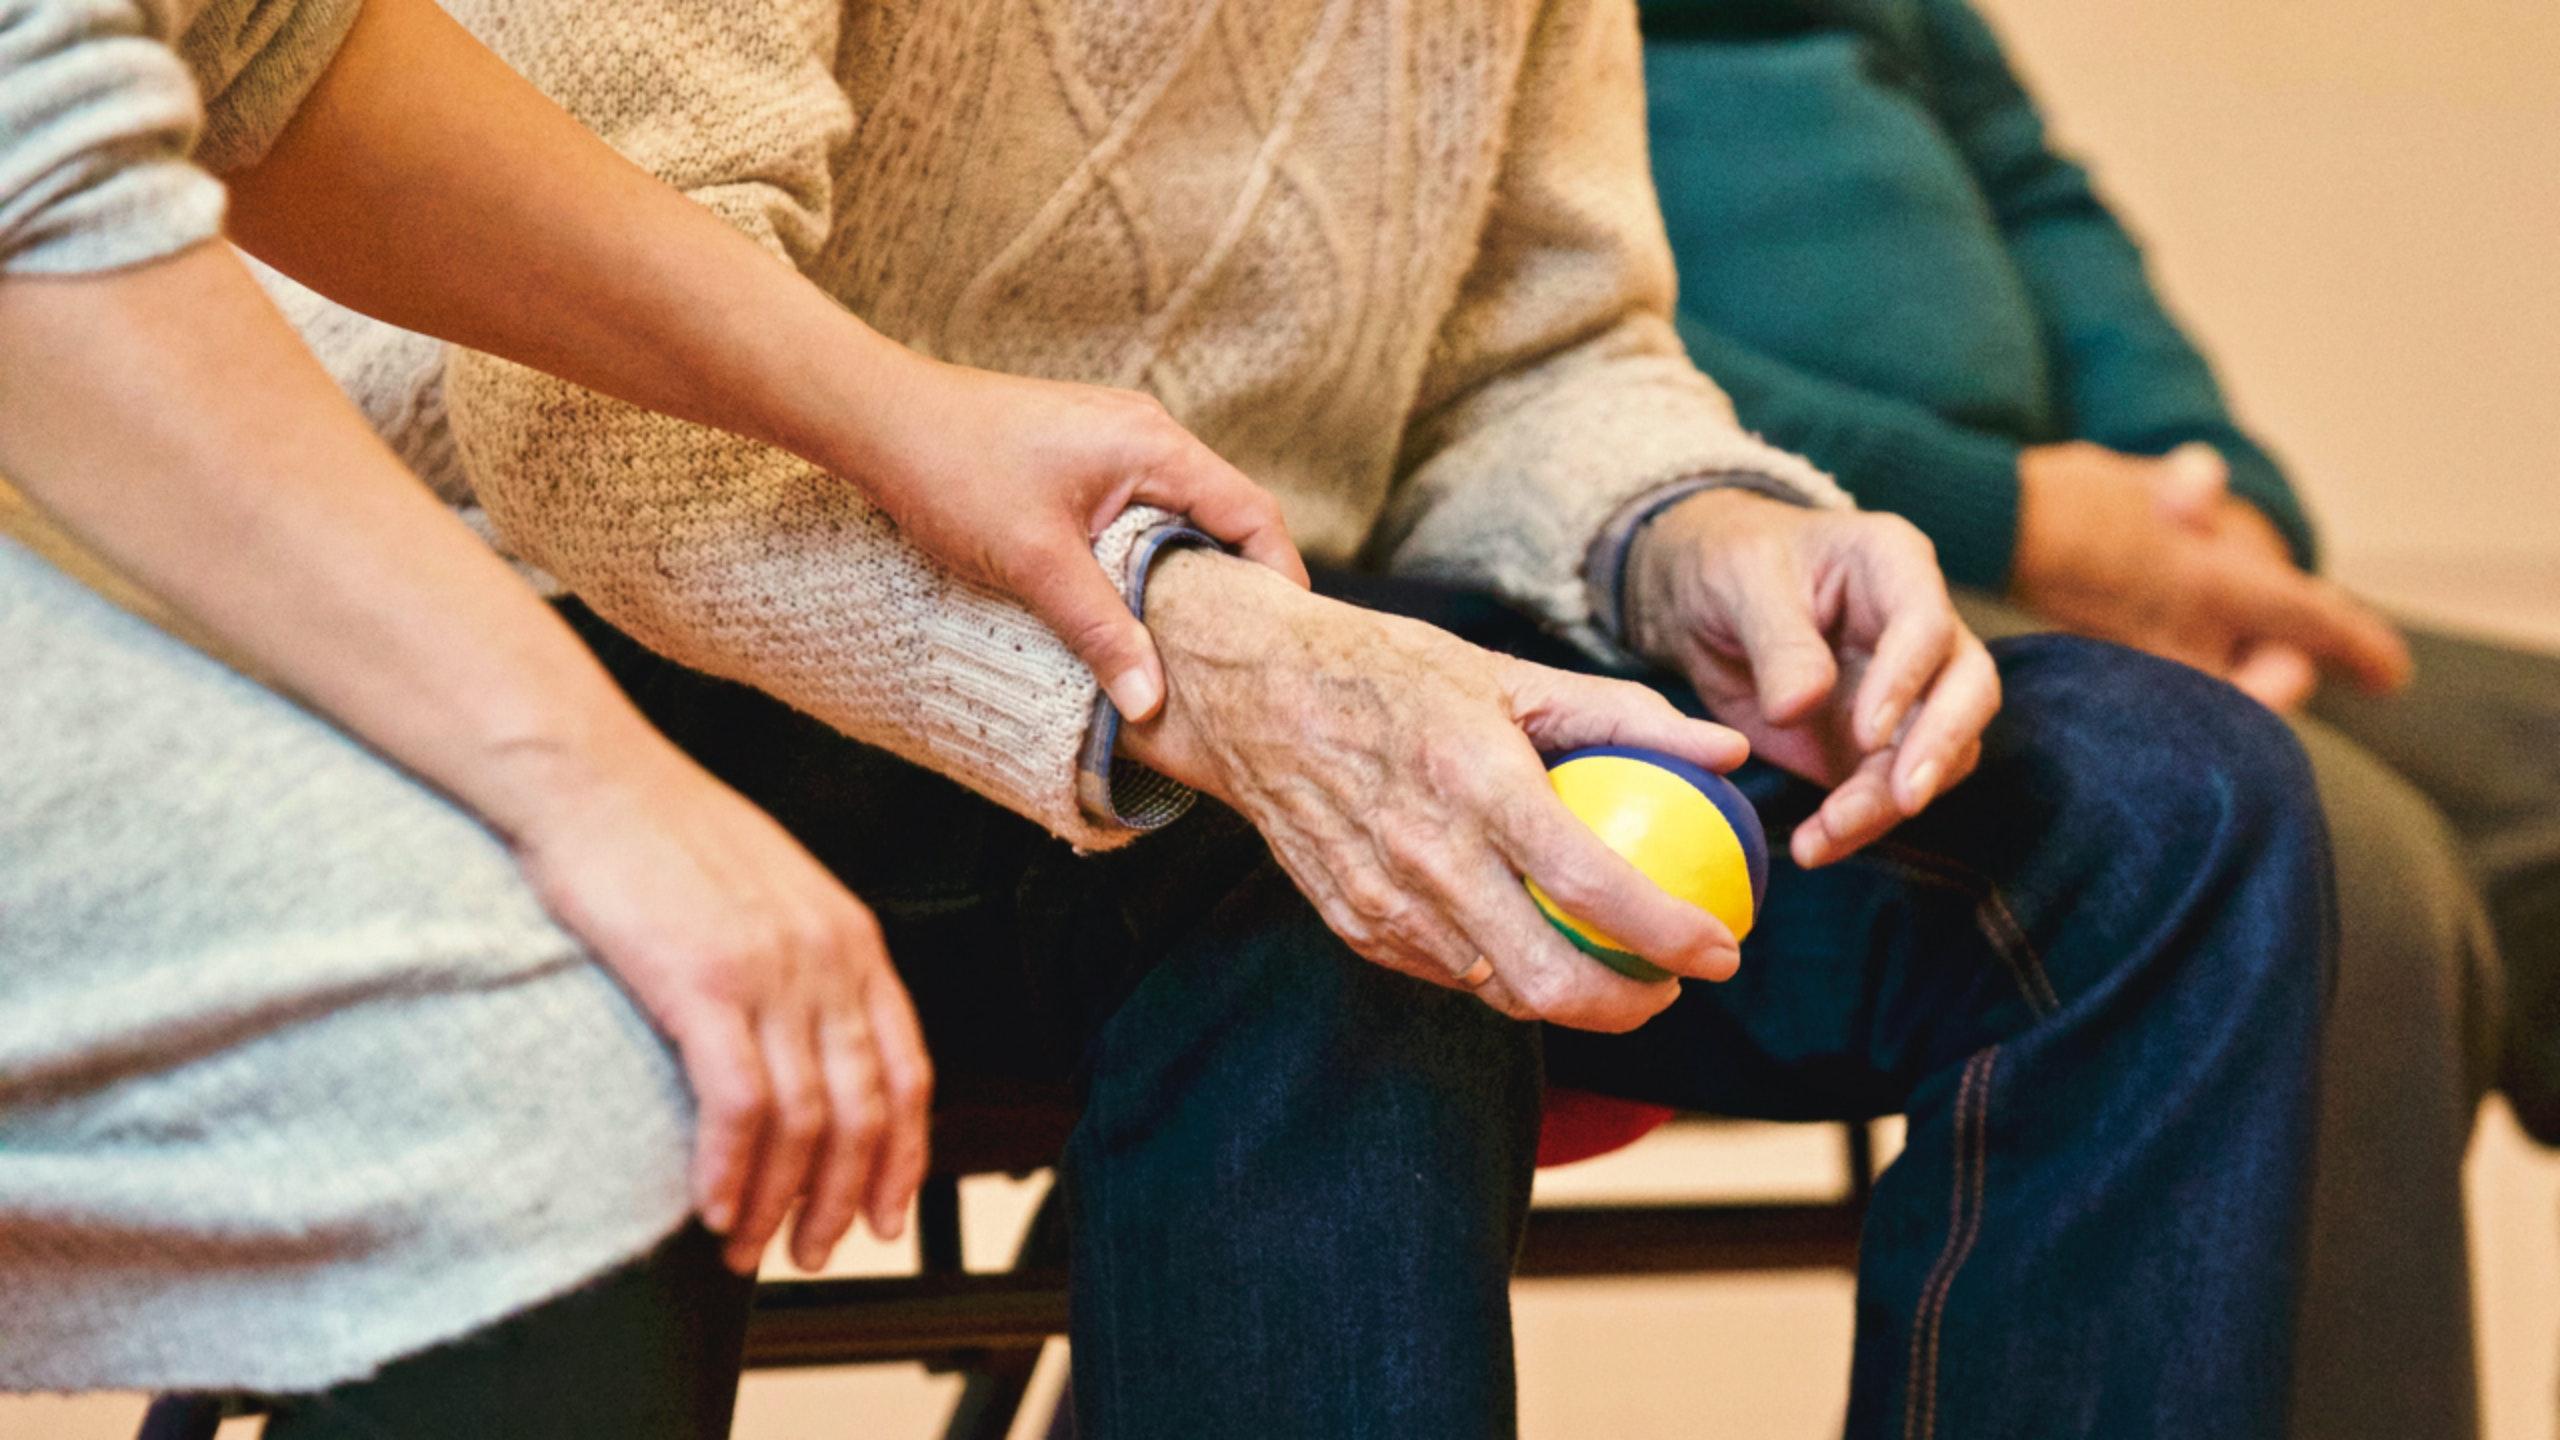 arthritis-in-hand